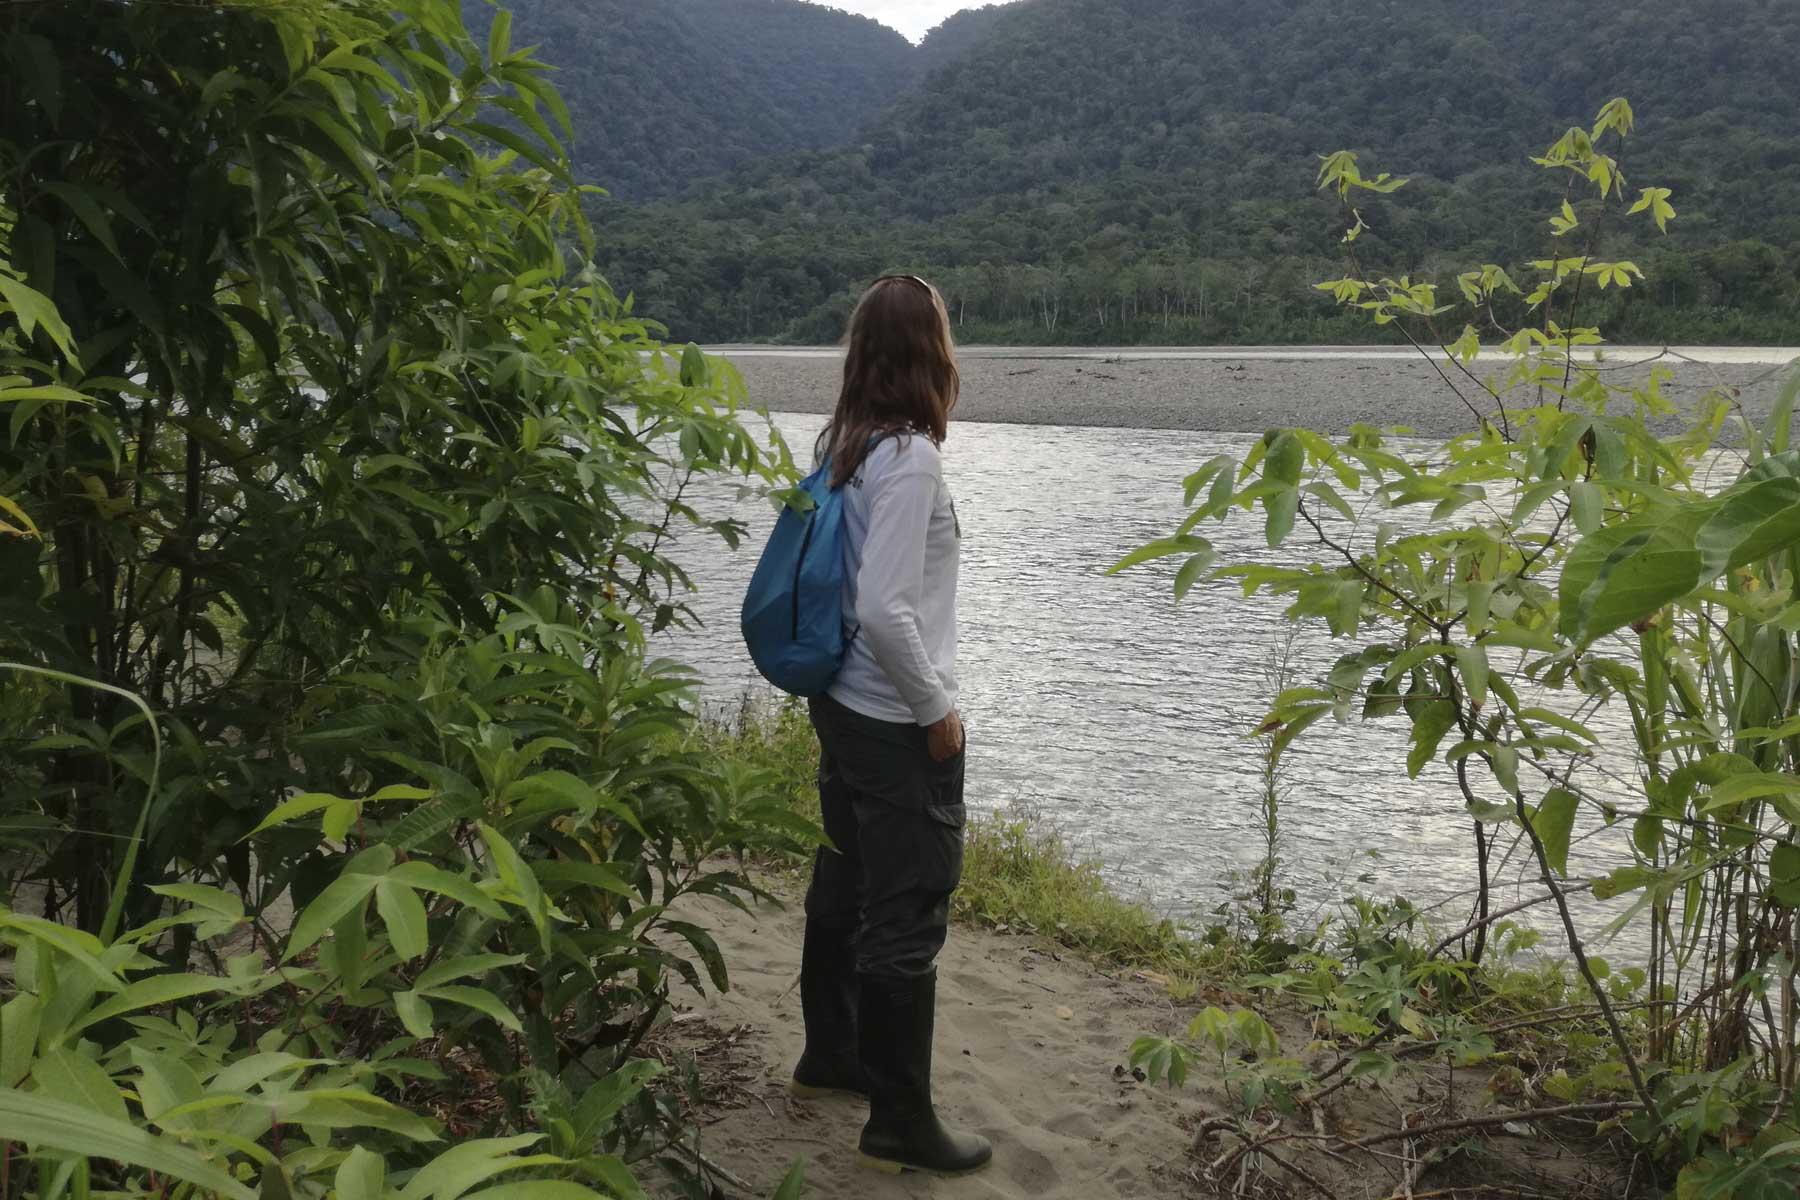 Parque nacional Manu Peru